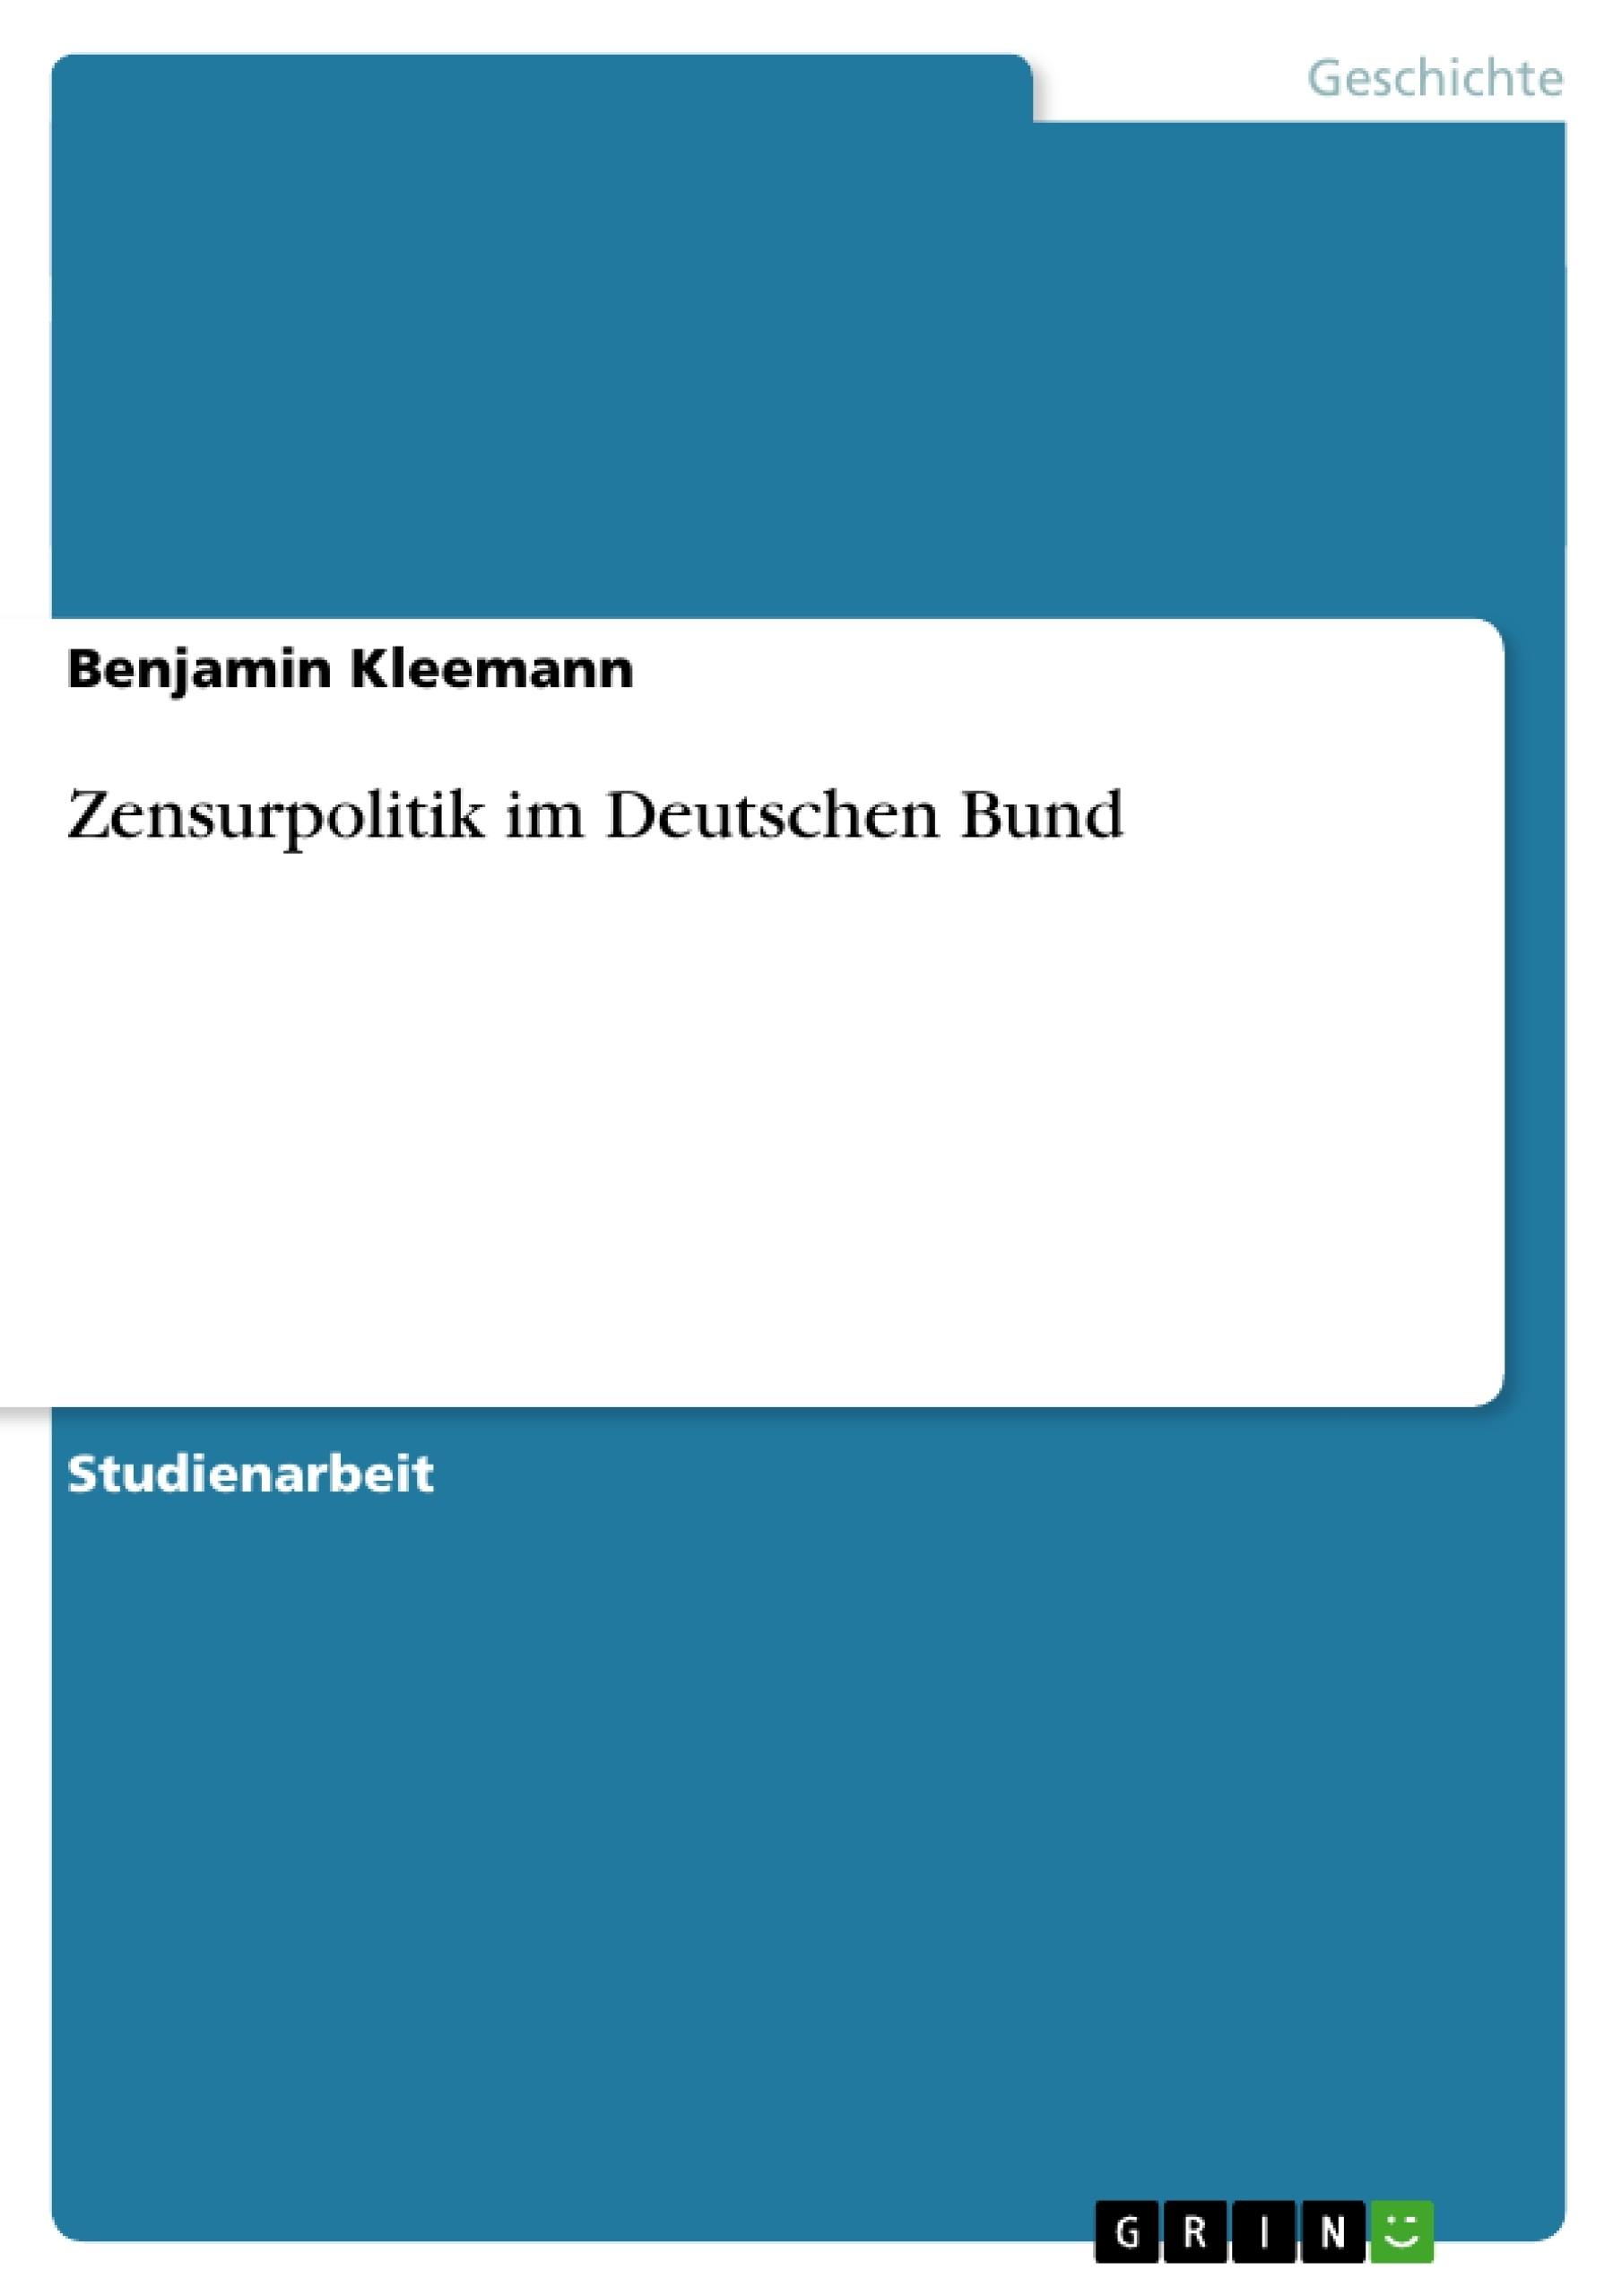 Titel: Zensurpolitik im Deutschen Bund